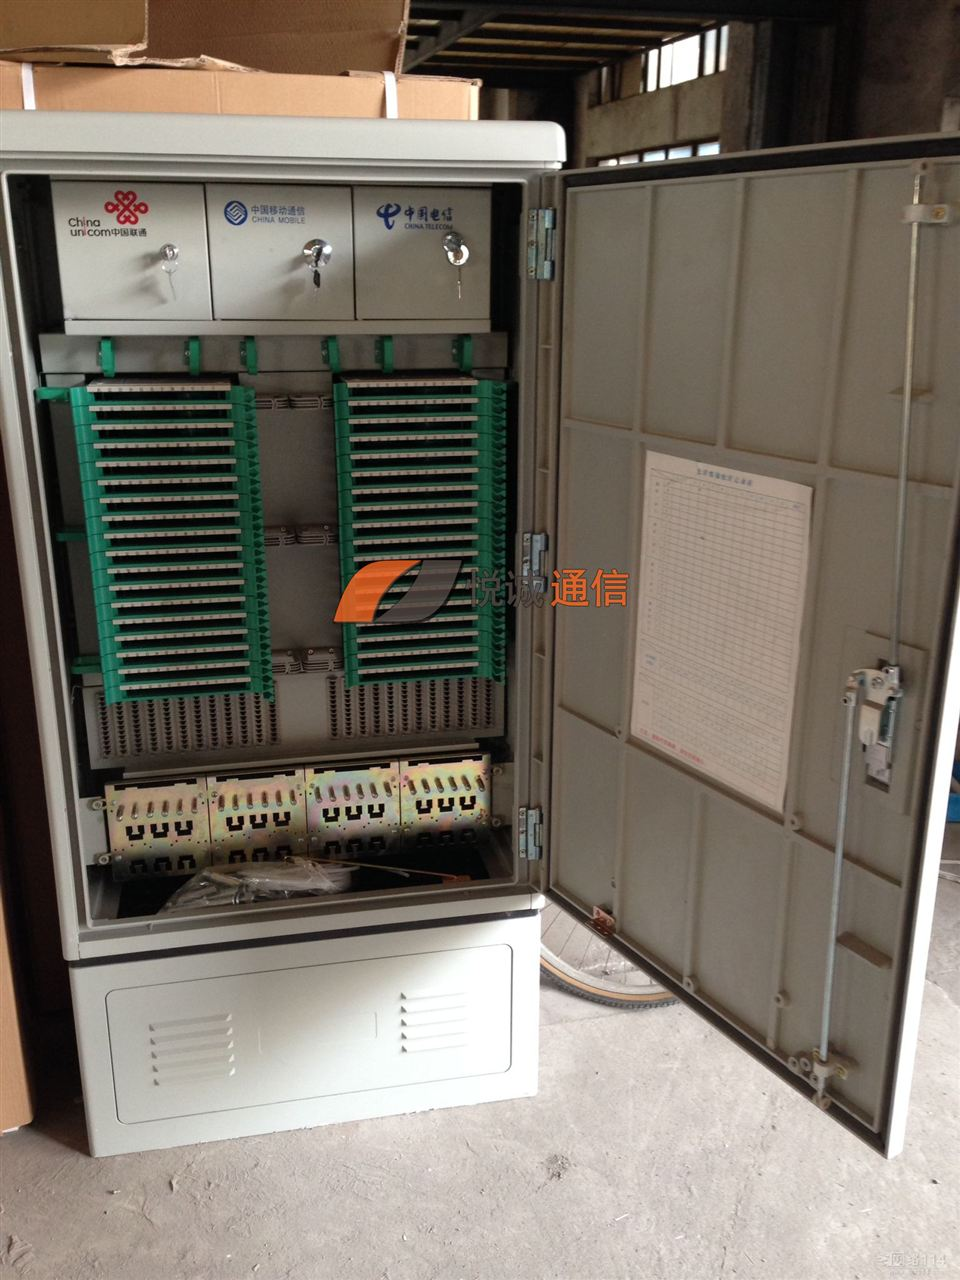 576芯三网合一光缆交接箱